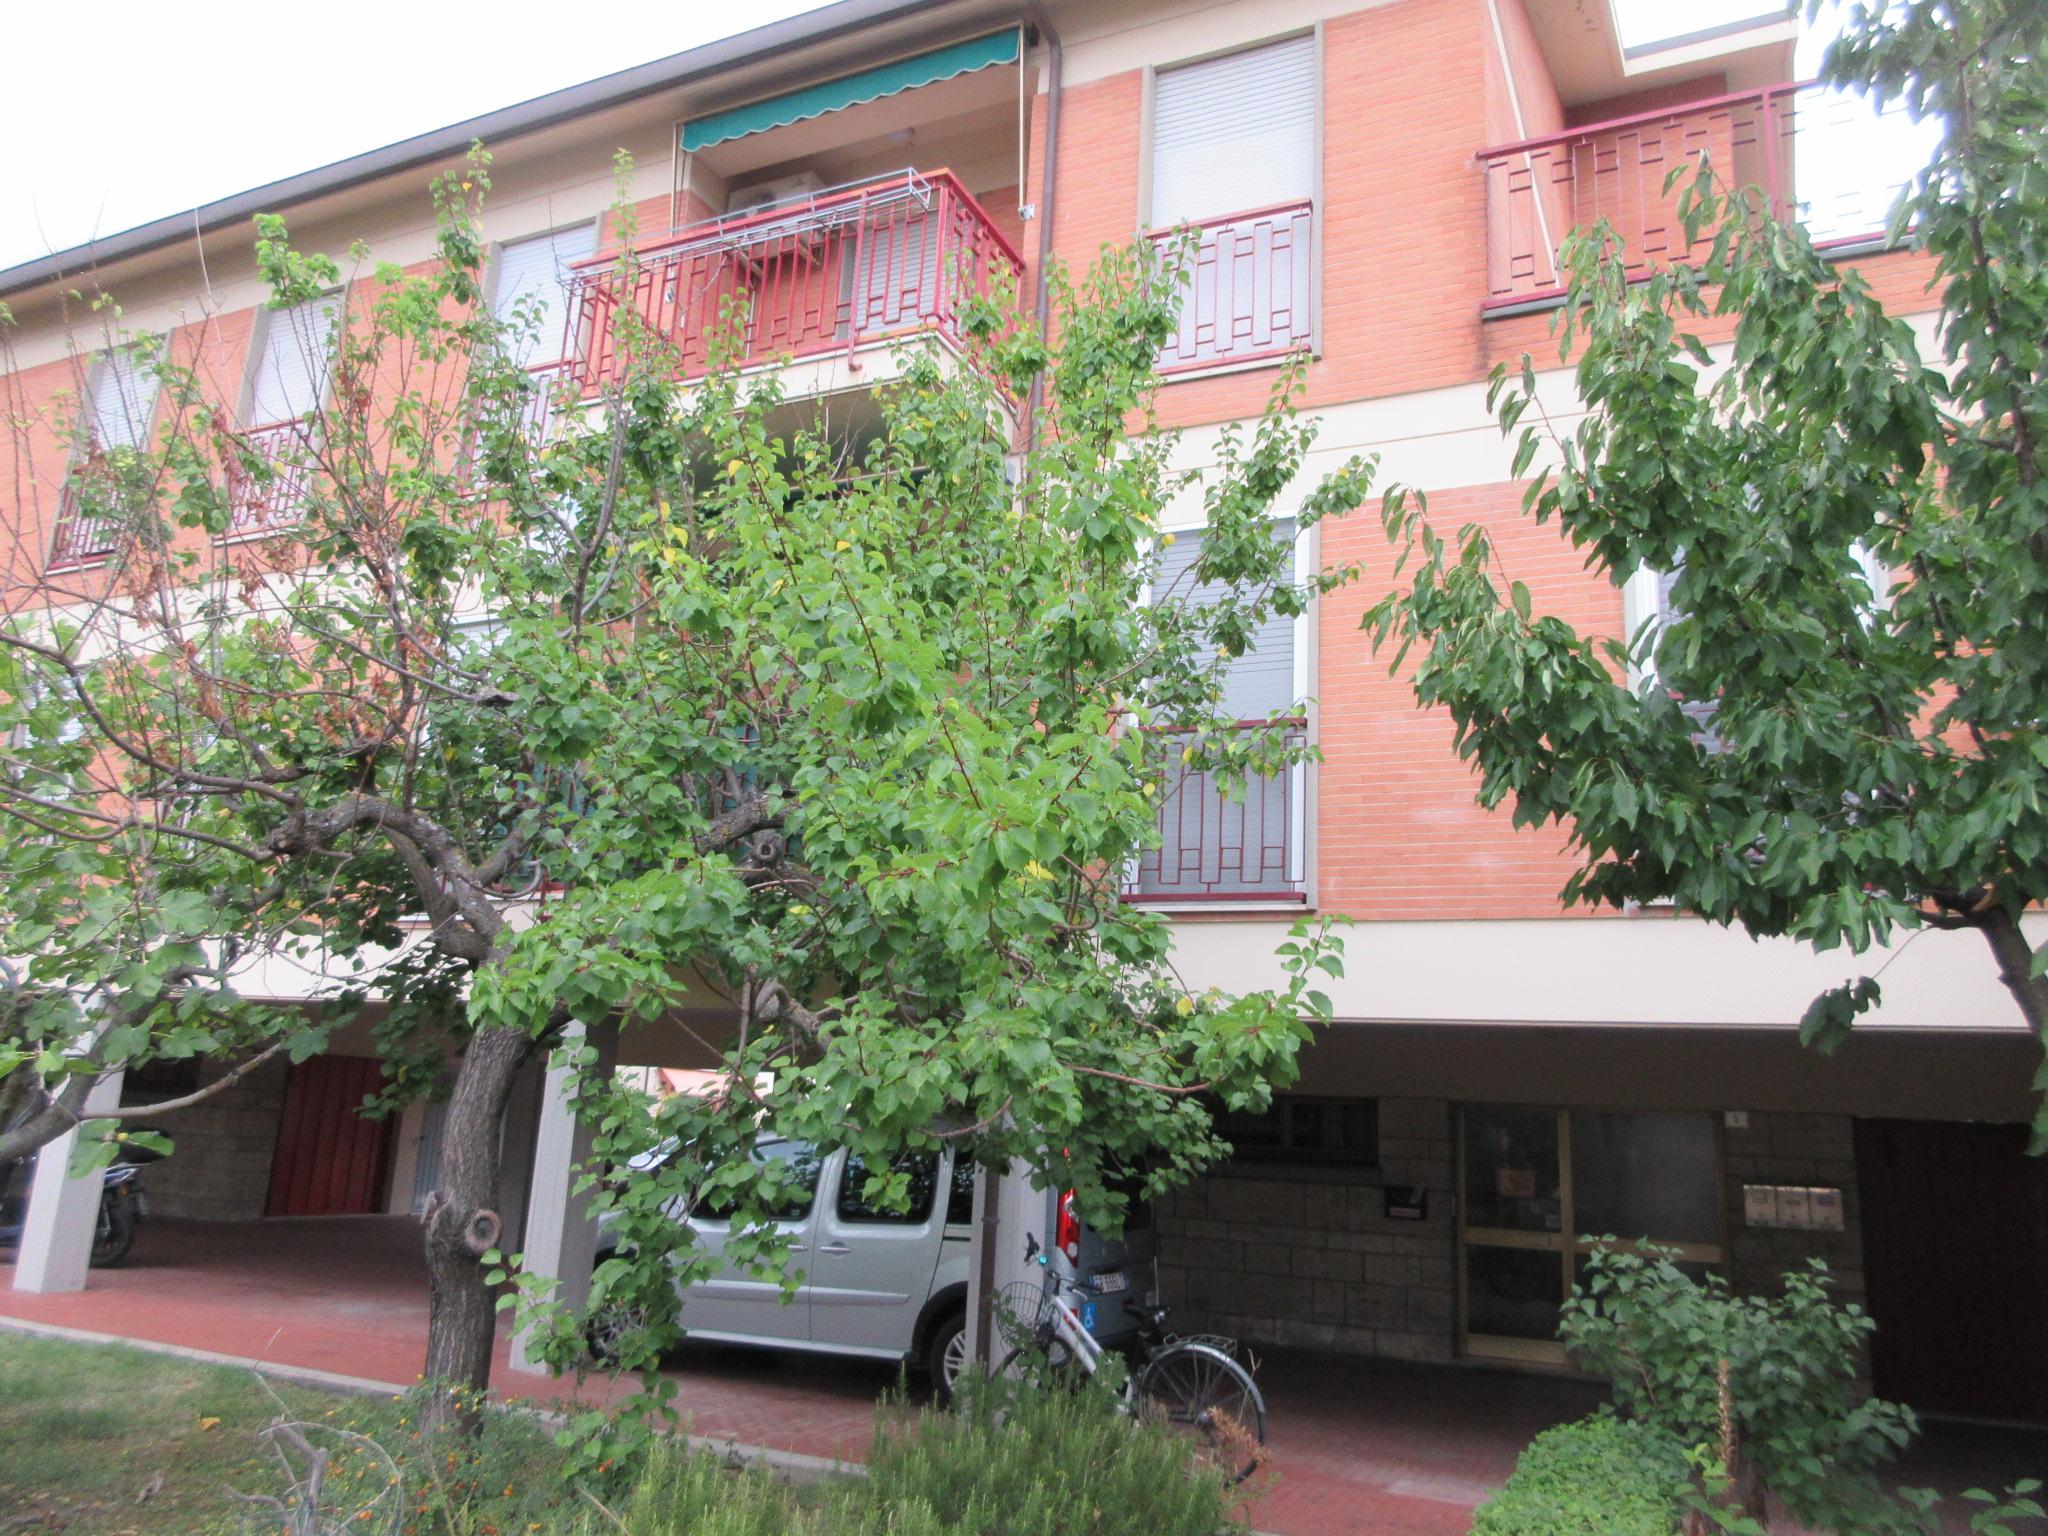 Montegranaro-P.Redi 4 locali 110mq autonomo, garage